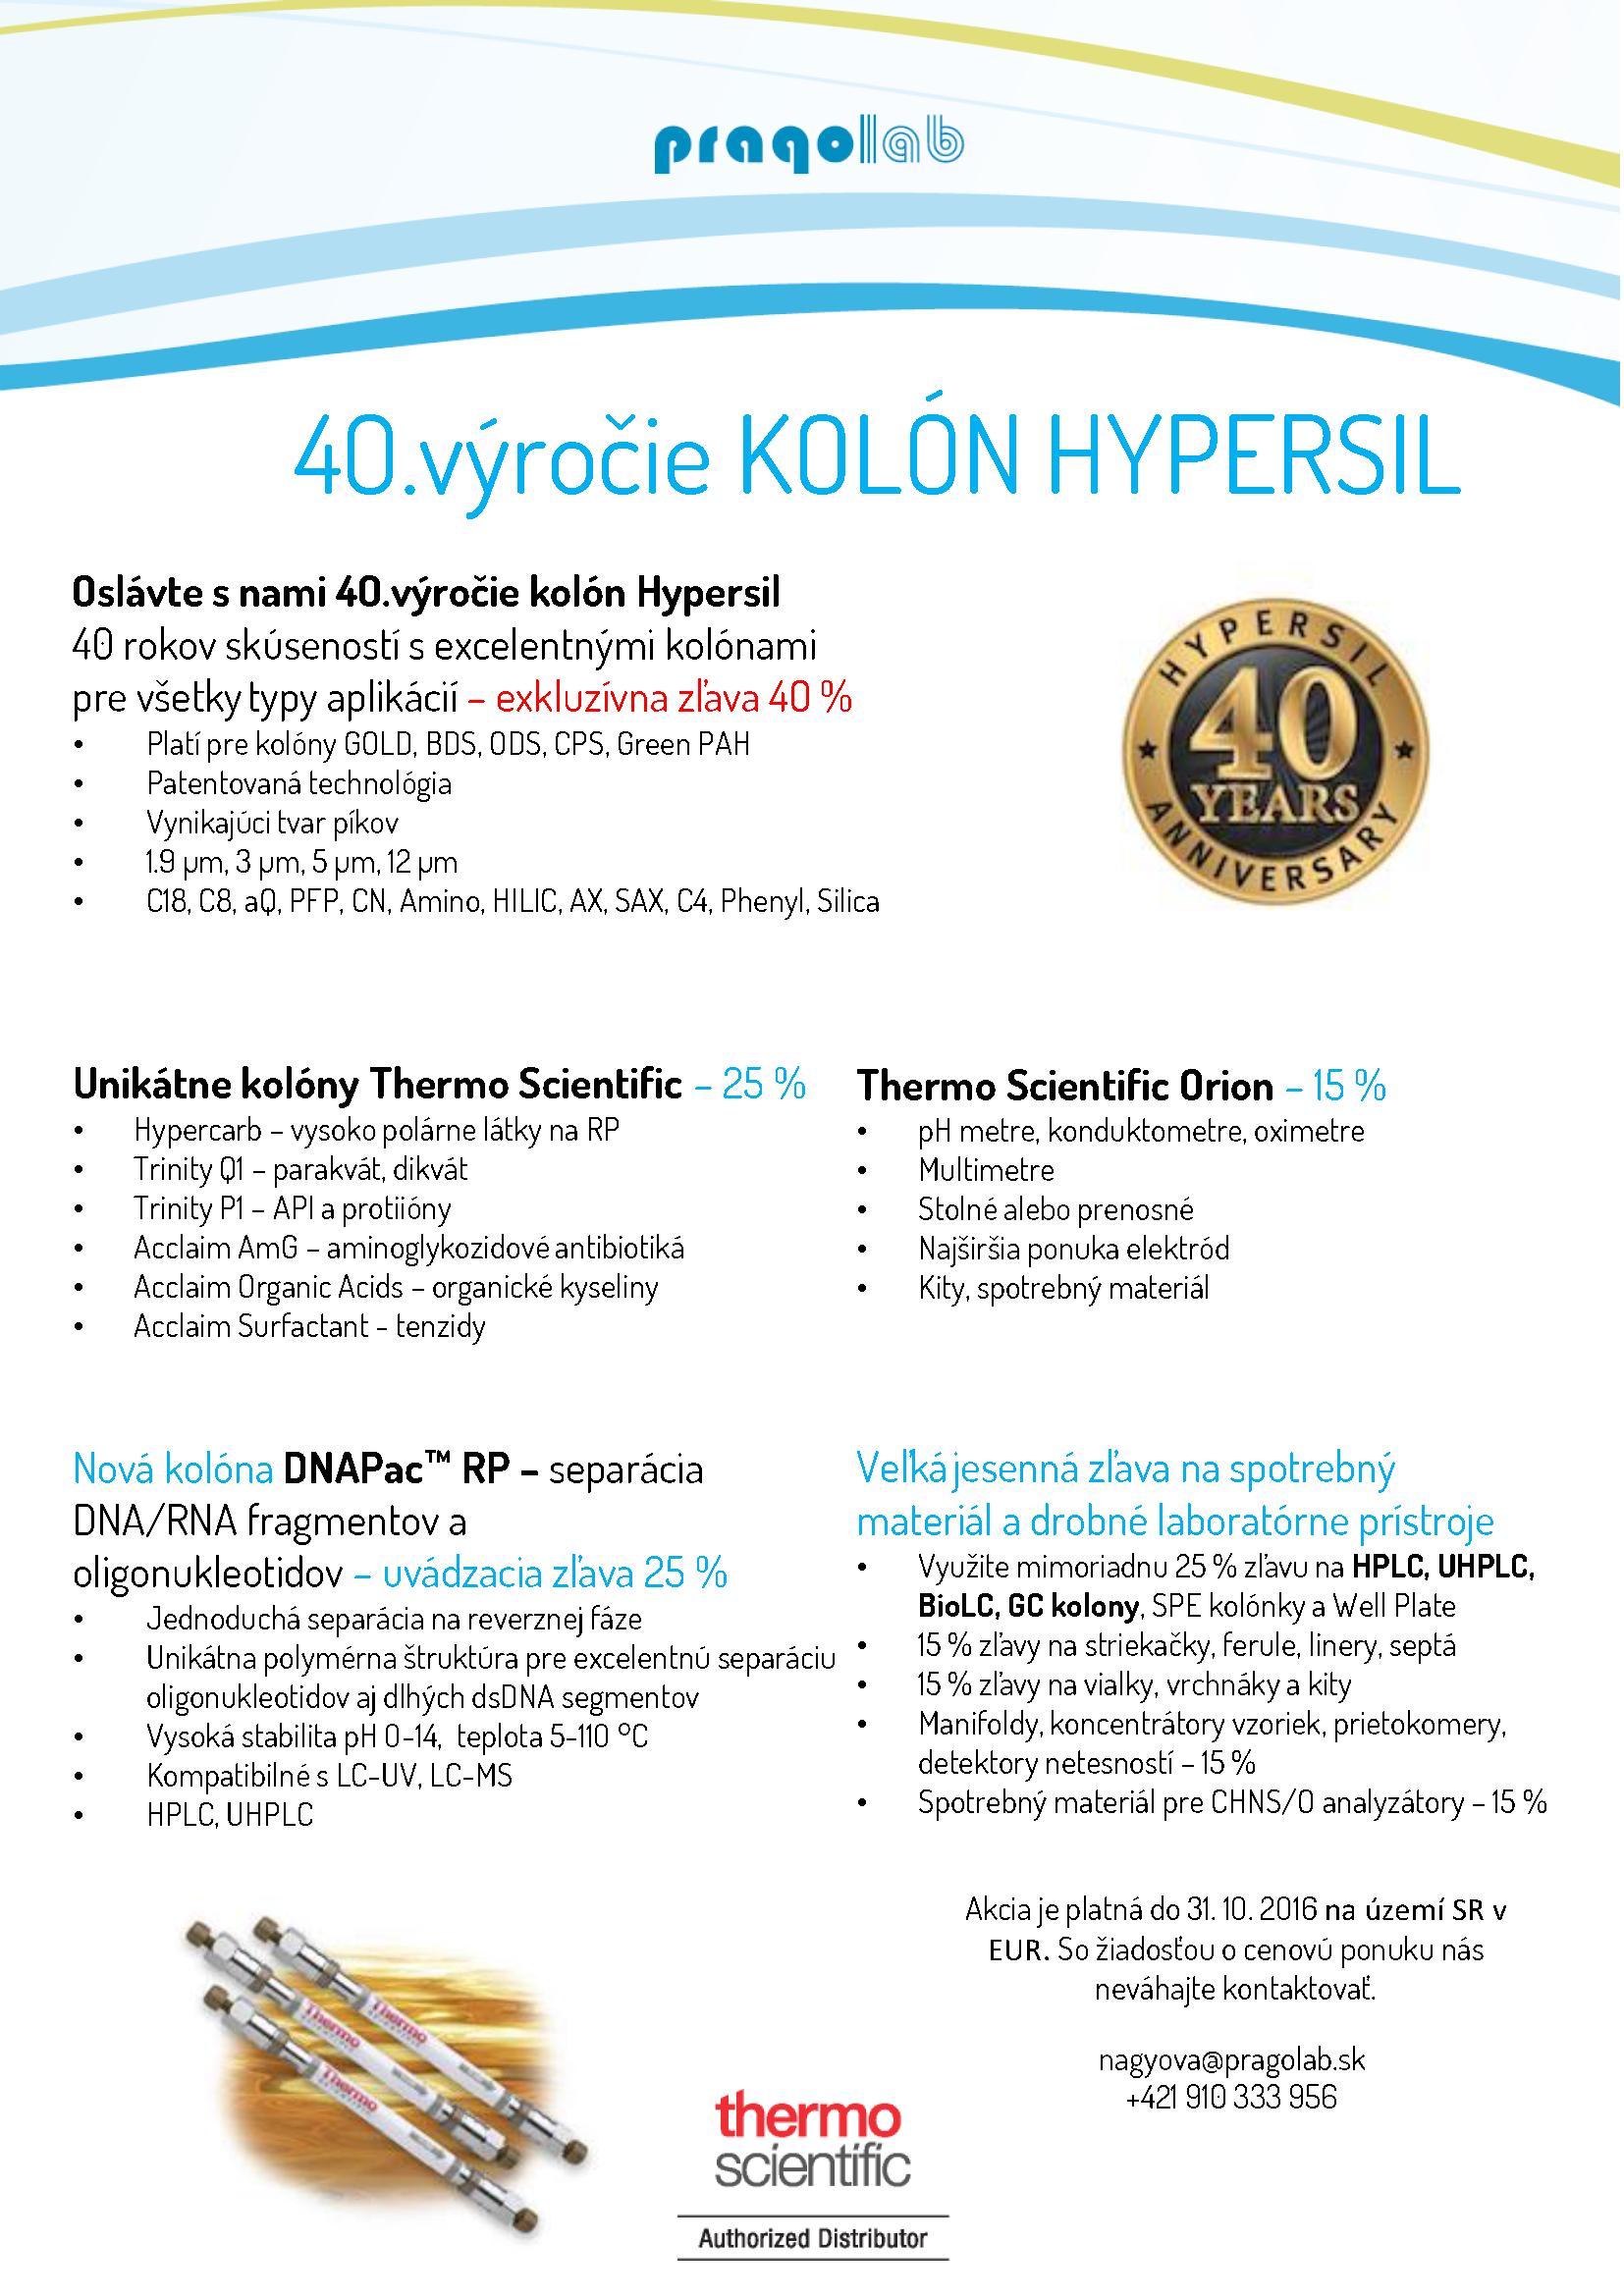 Pragolab%20akcia_Jese%C5%88%202016%20SK.